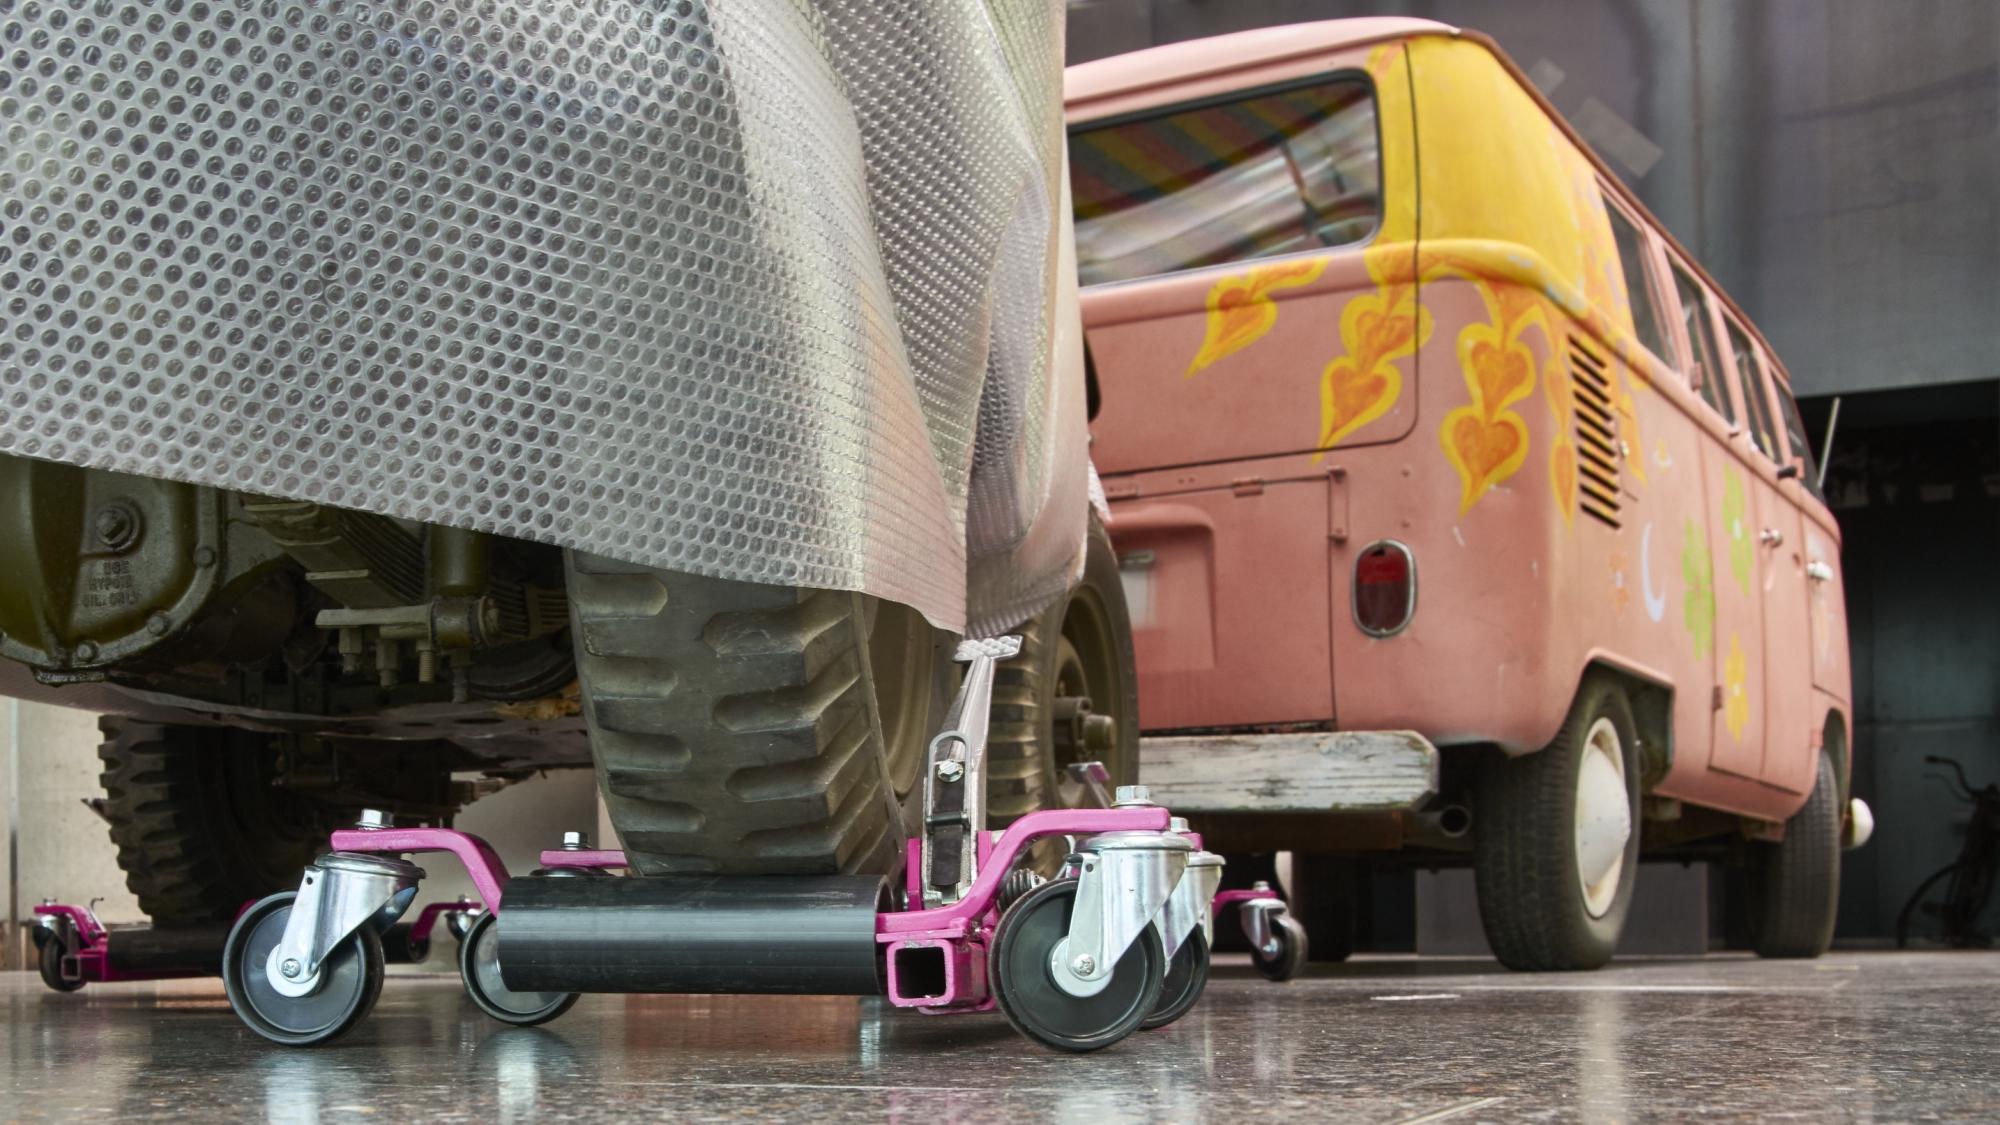 Der bunt bemalte VW Bulli und der Willys-Overland Jeep im Haus der Geschichte.